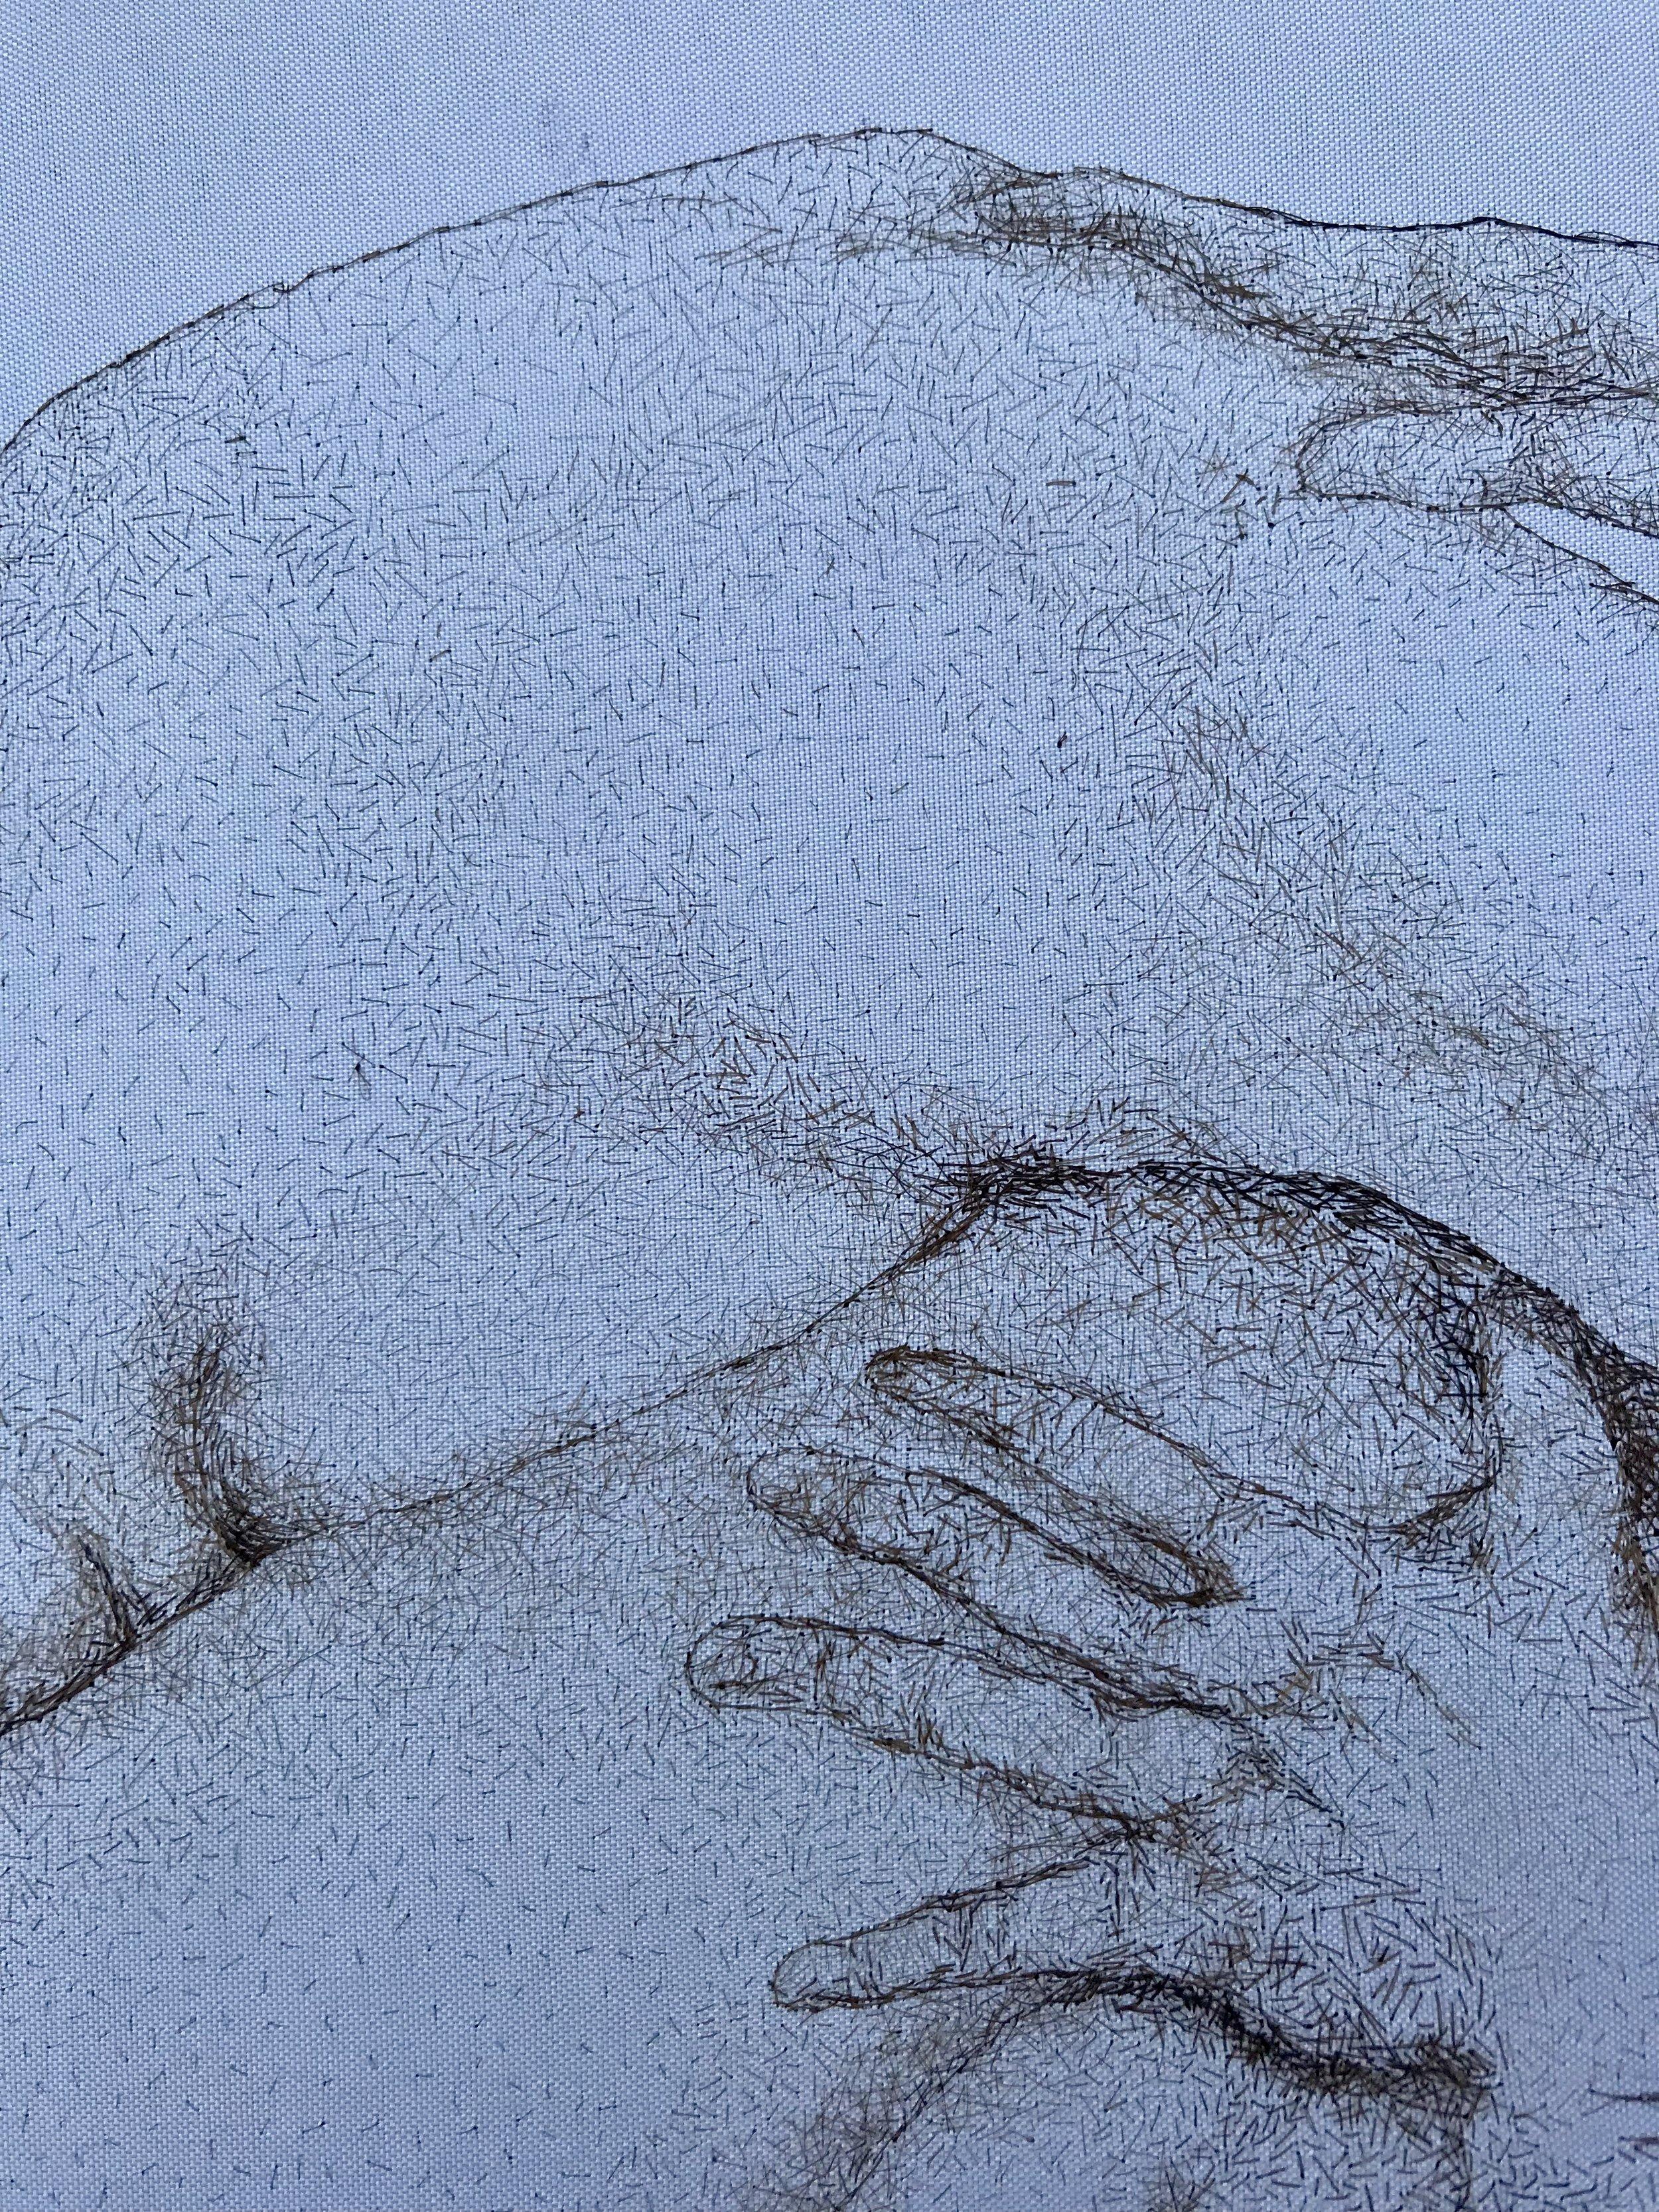 Hirsute Detail 2.JPG